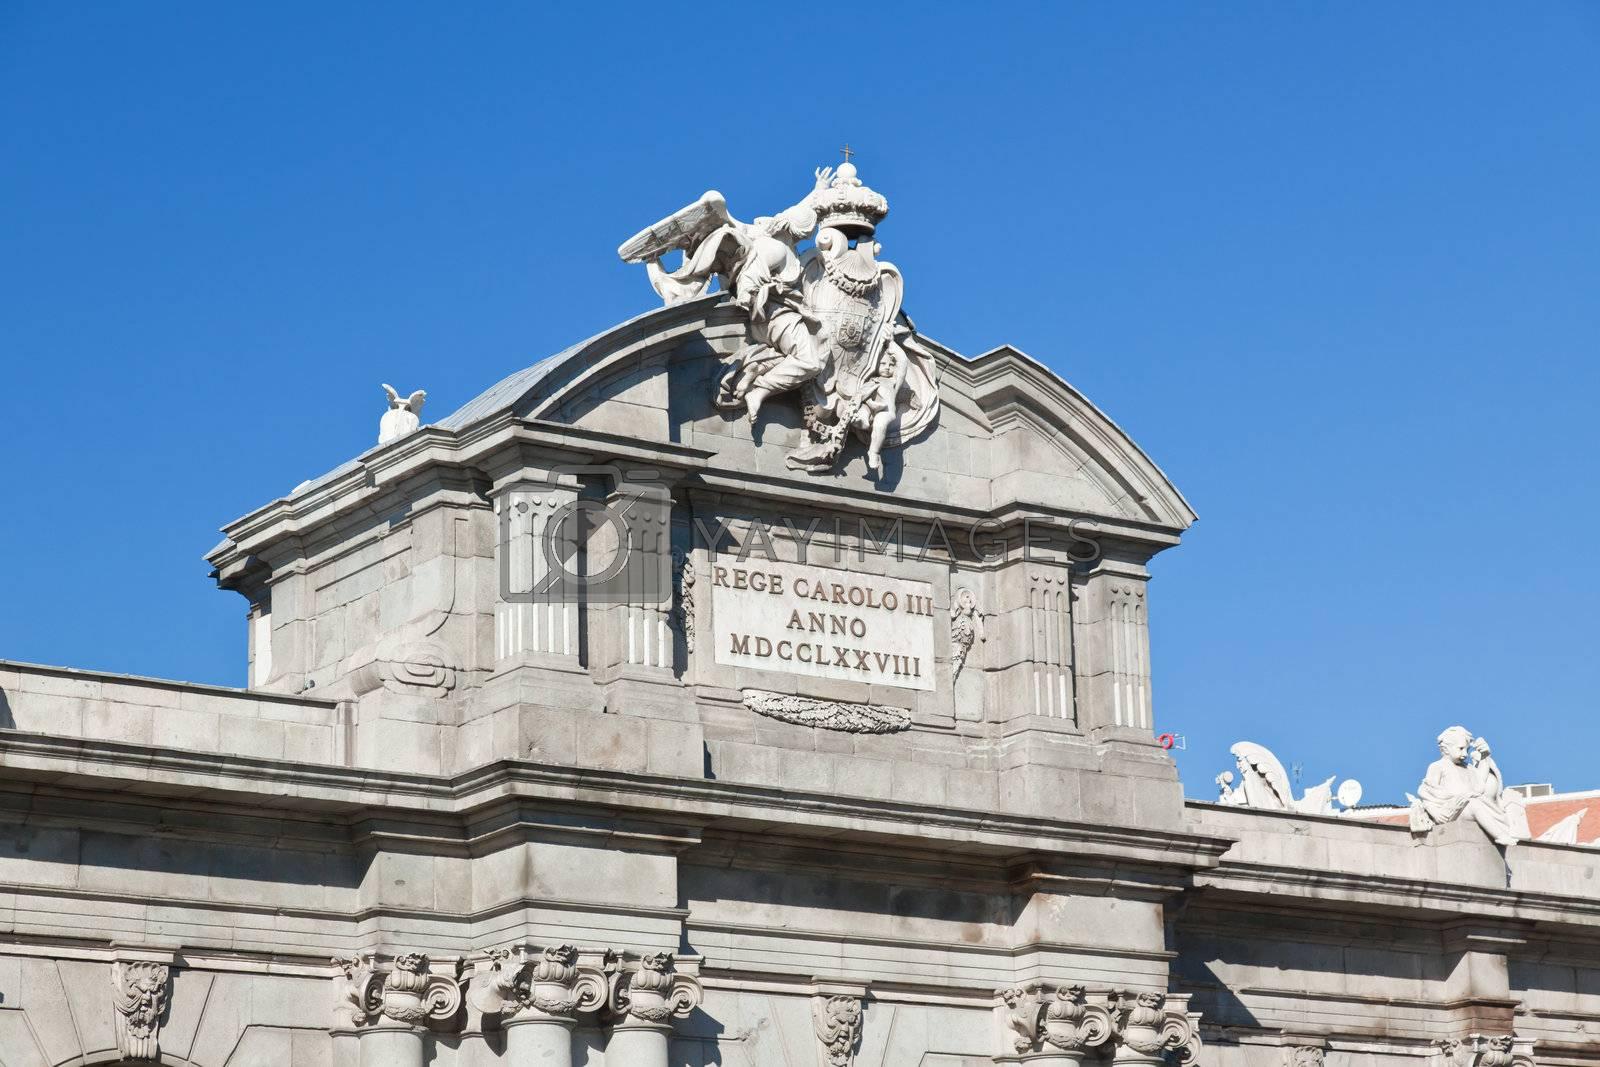 The Puerta de Alcala in Madrid, Spain